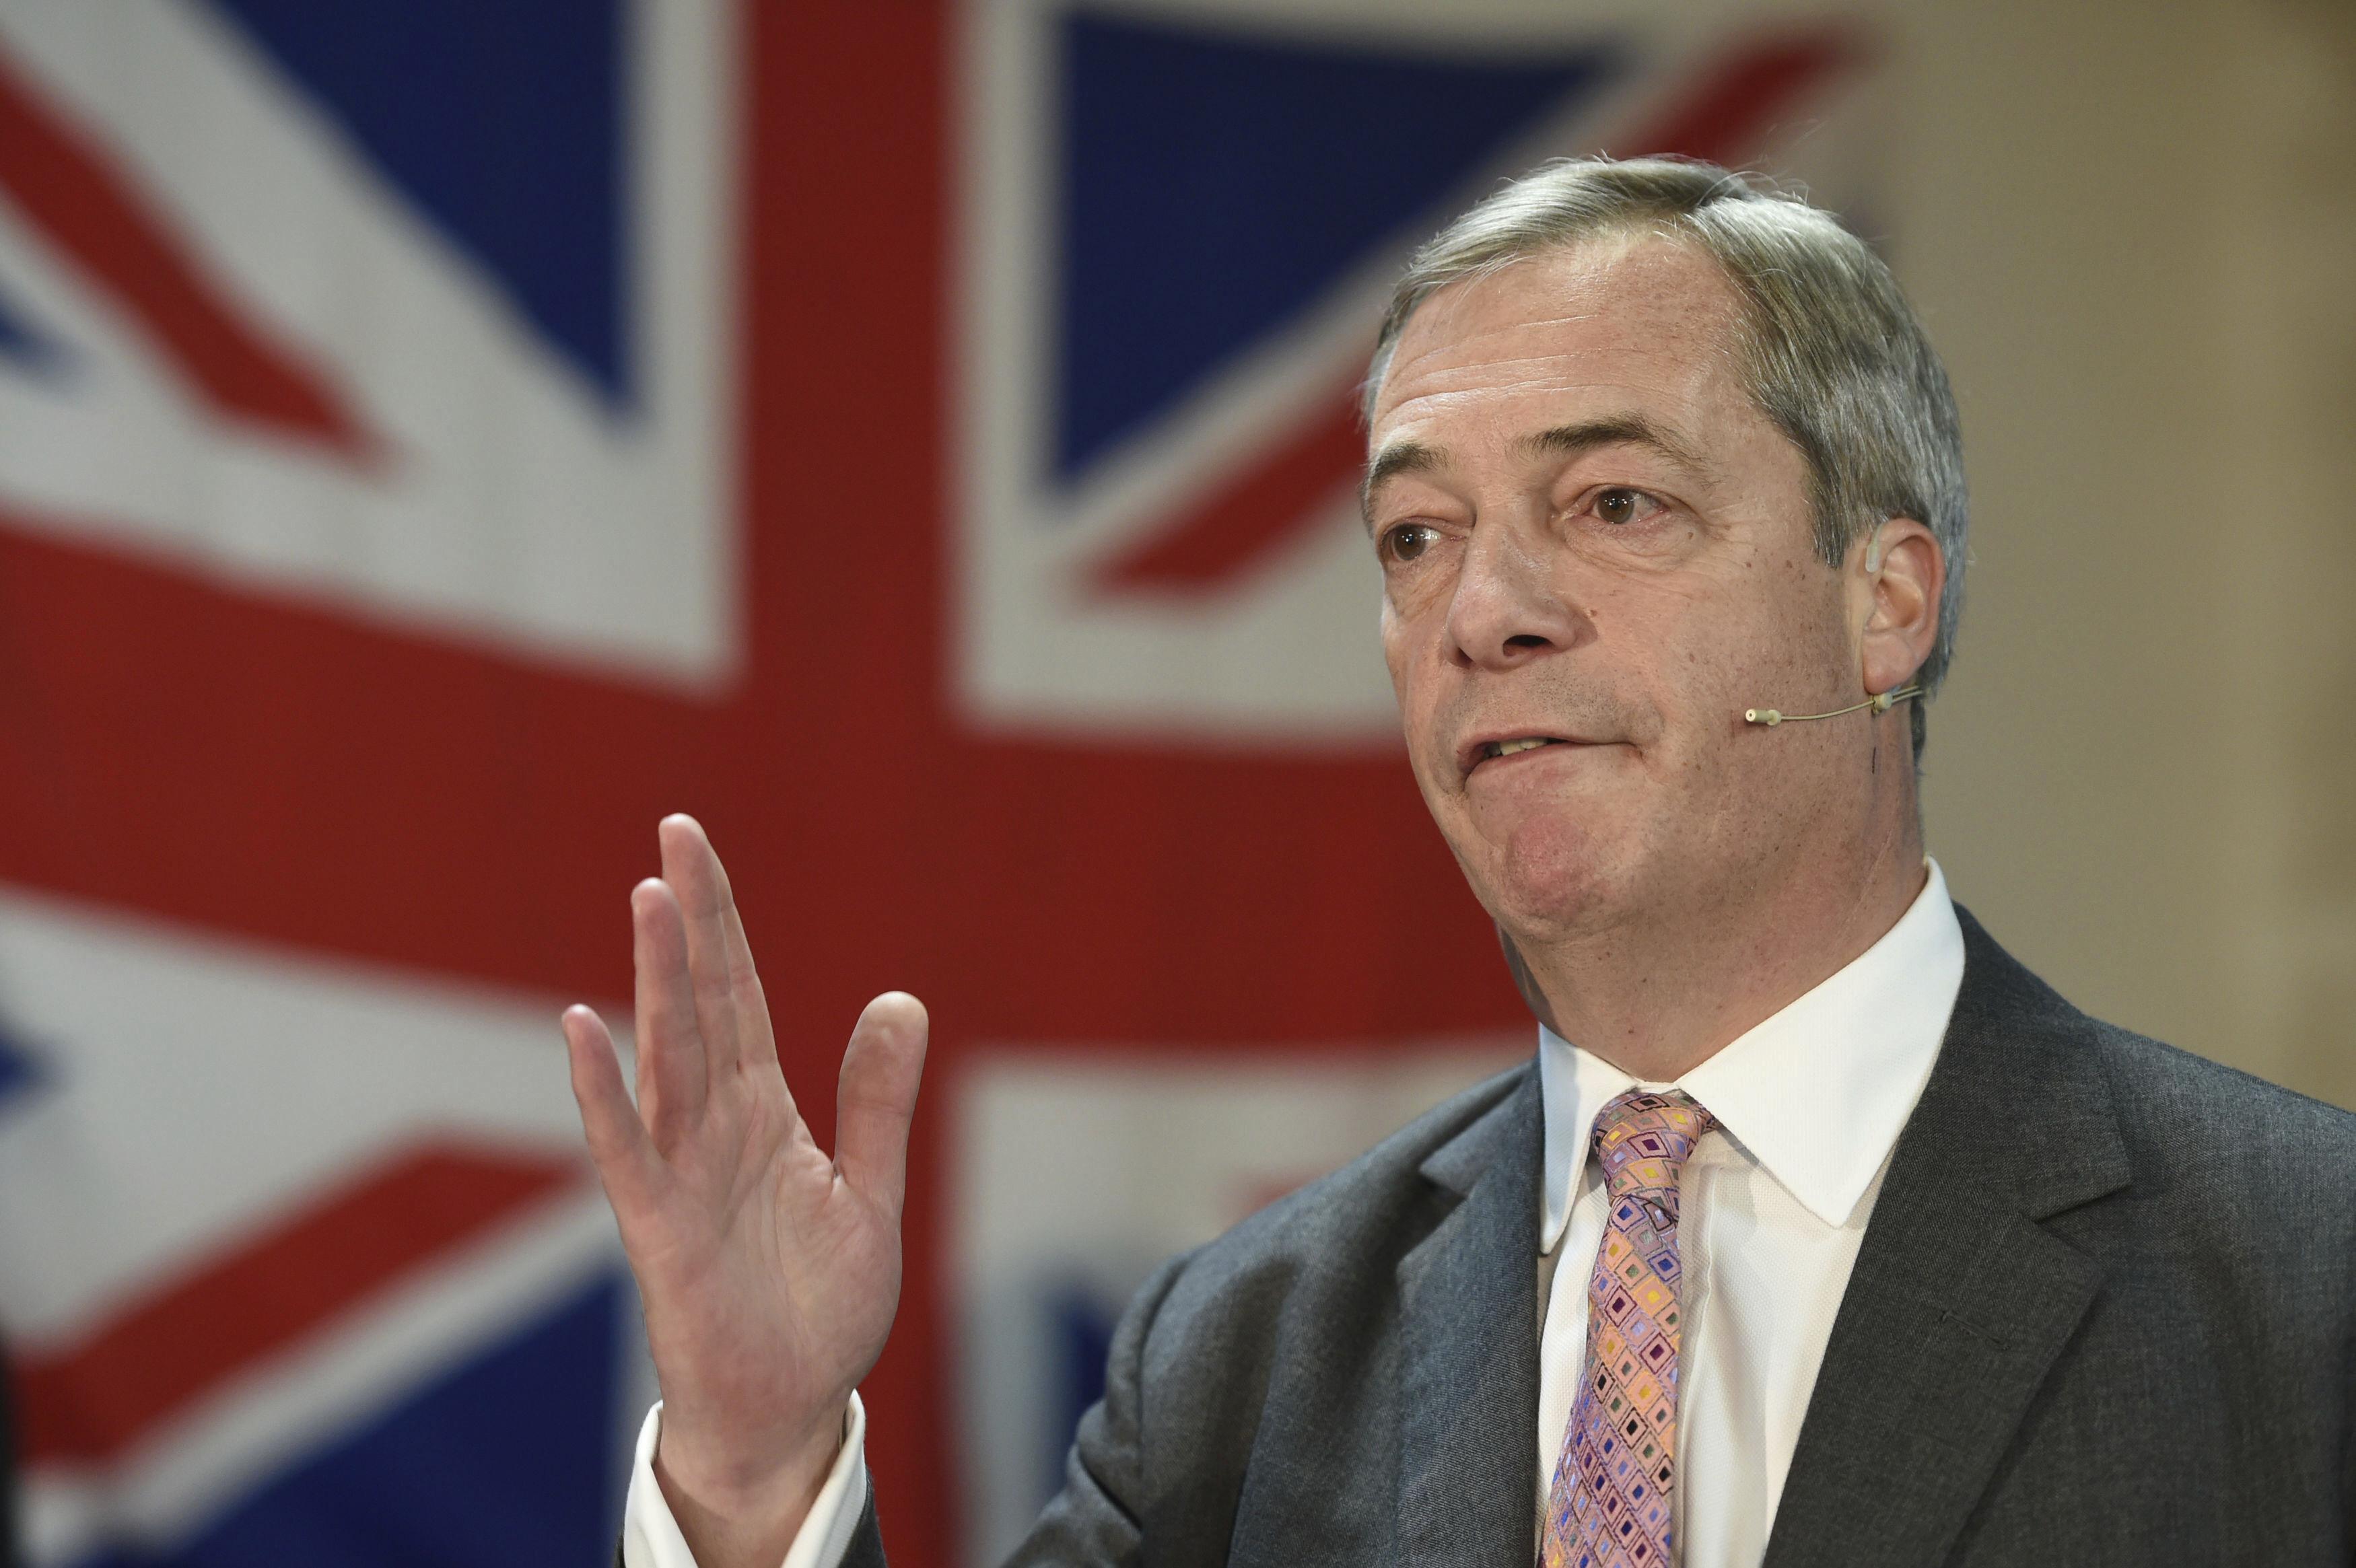 El líder del Partido Brexit, Nigel Farage, durante un mitin para las elecciones generales de diciembre, en Ilford, Essex, Inglaterra, el 13 de noviembre de 2019. (Joe Giddens/PA via AP)